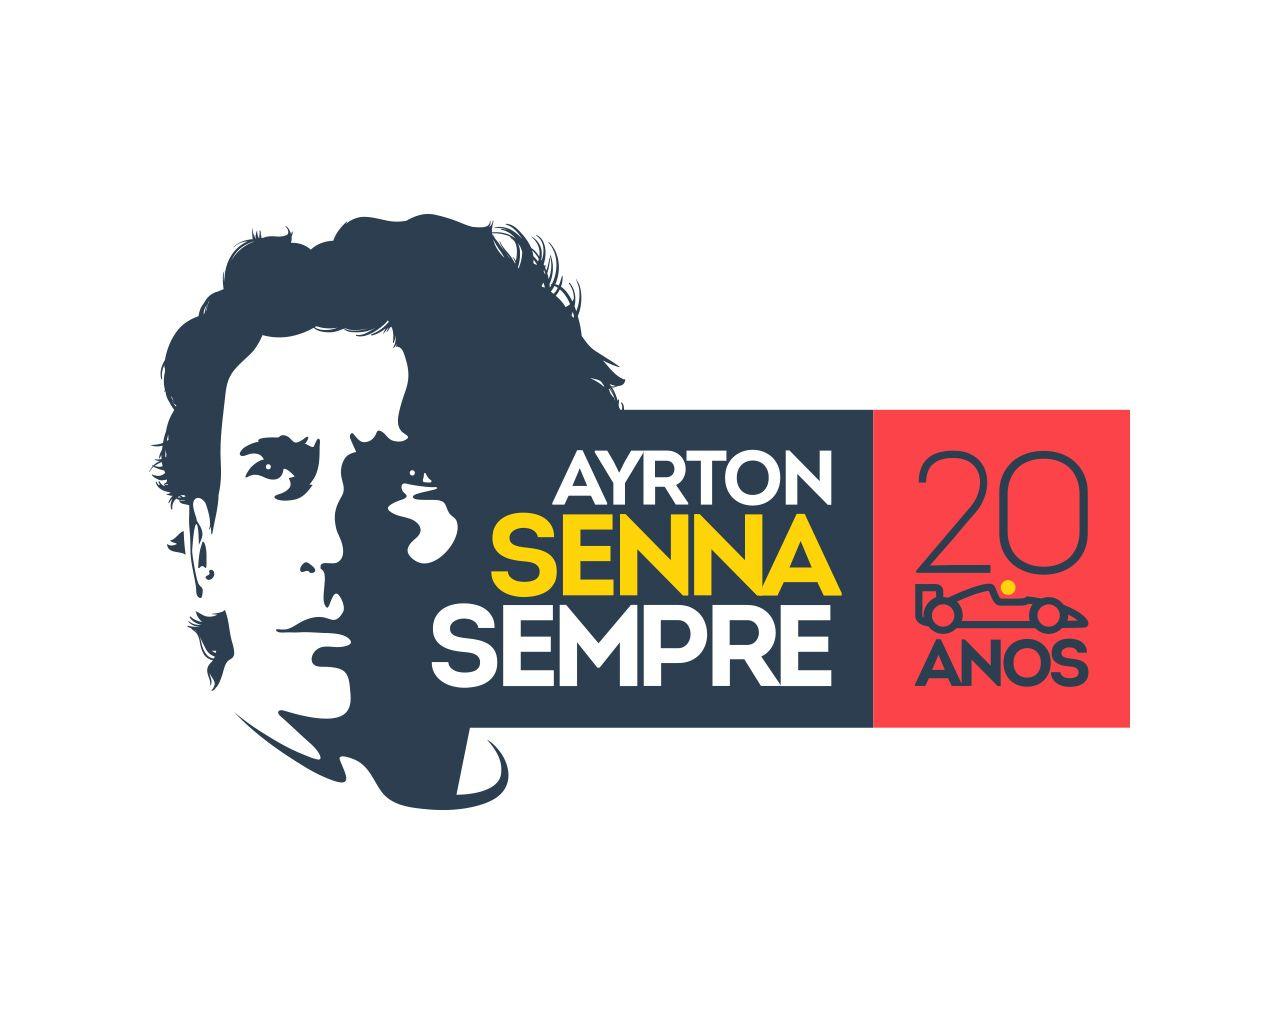 . PlusPng.com ayrton senna logo PlusPng.com  - Logo Ayrton Senna S PNG